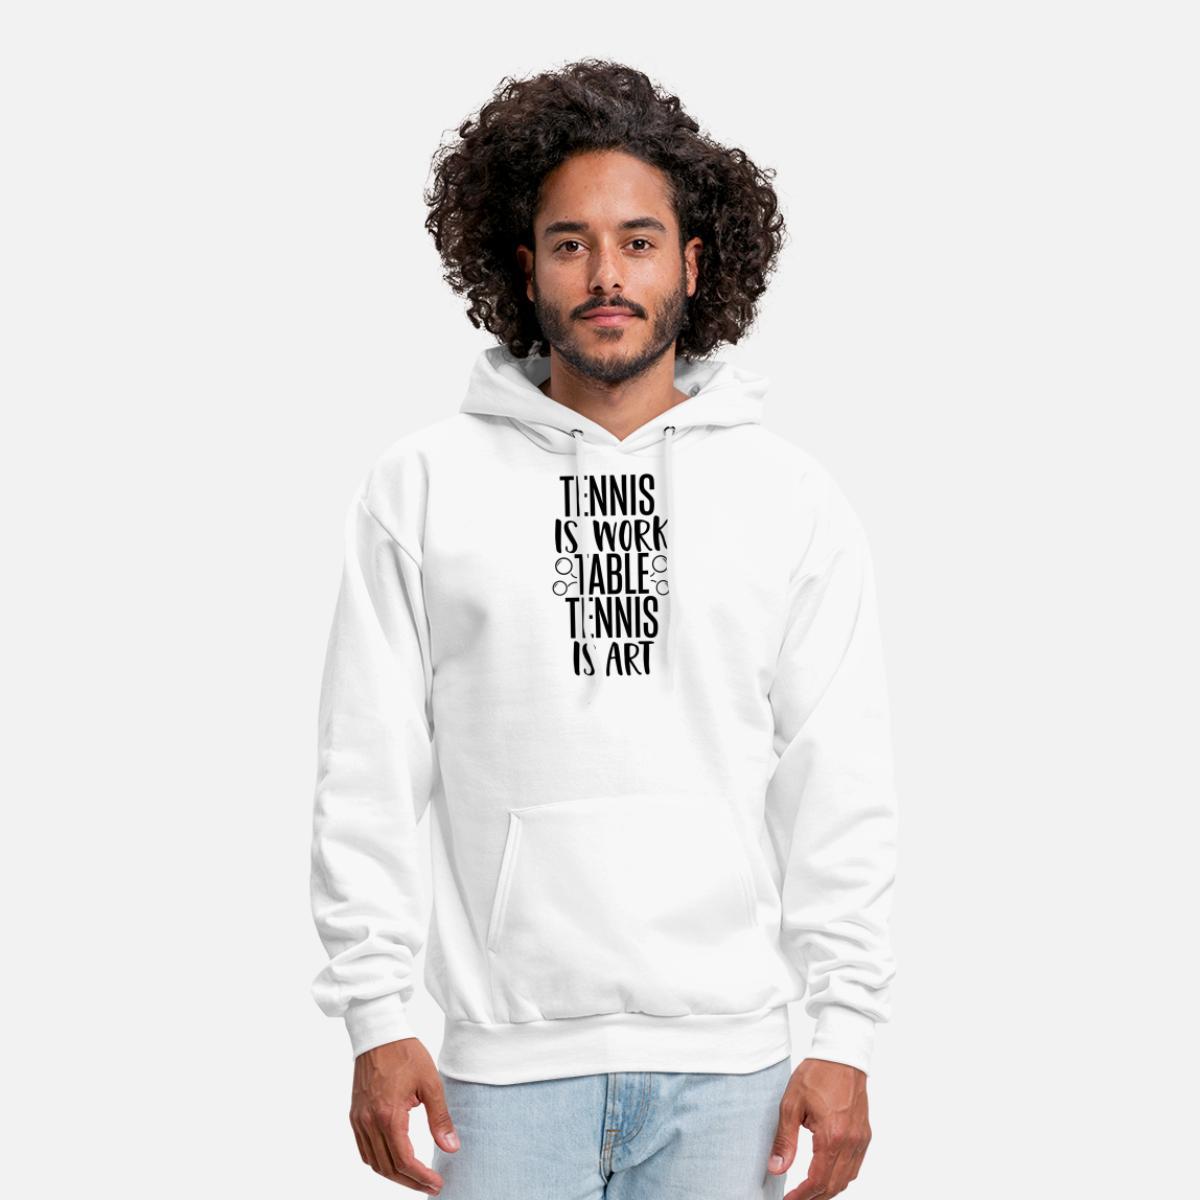 206e68eb Mens Sweatshirts With Sayings | Kuenzi Turf & Nursery